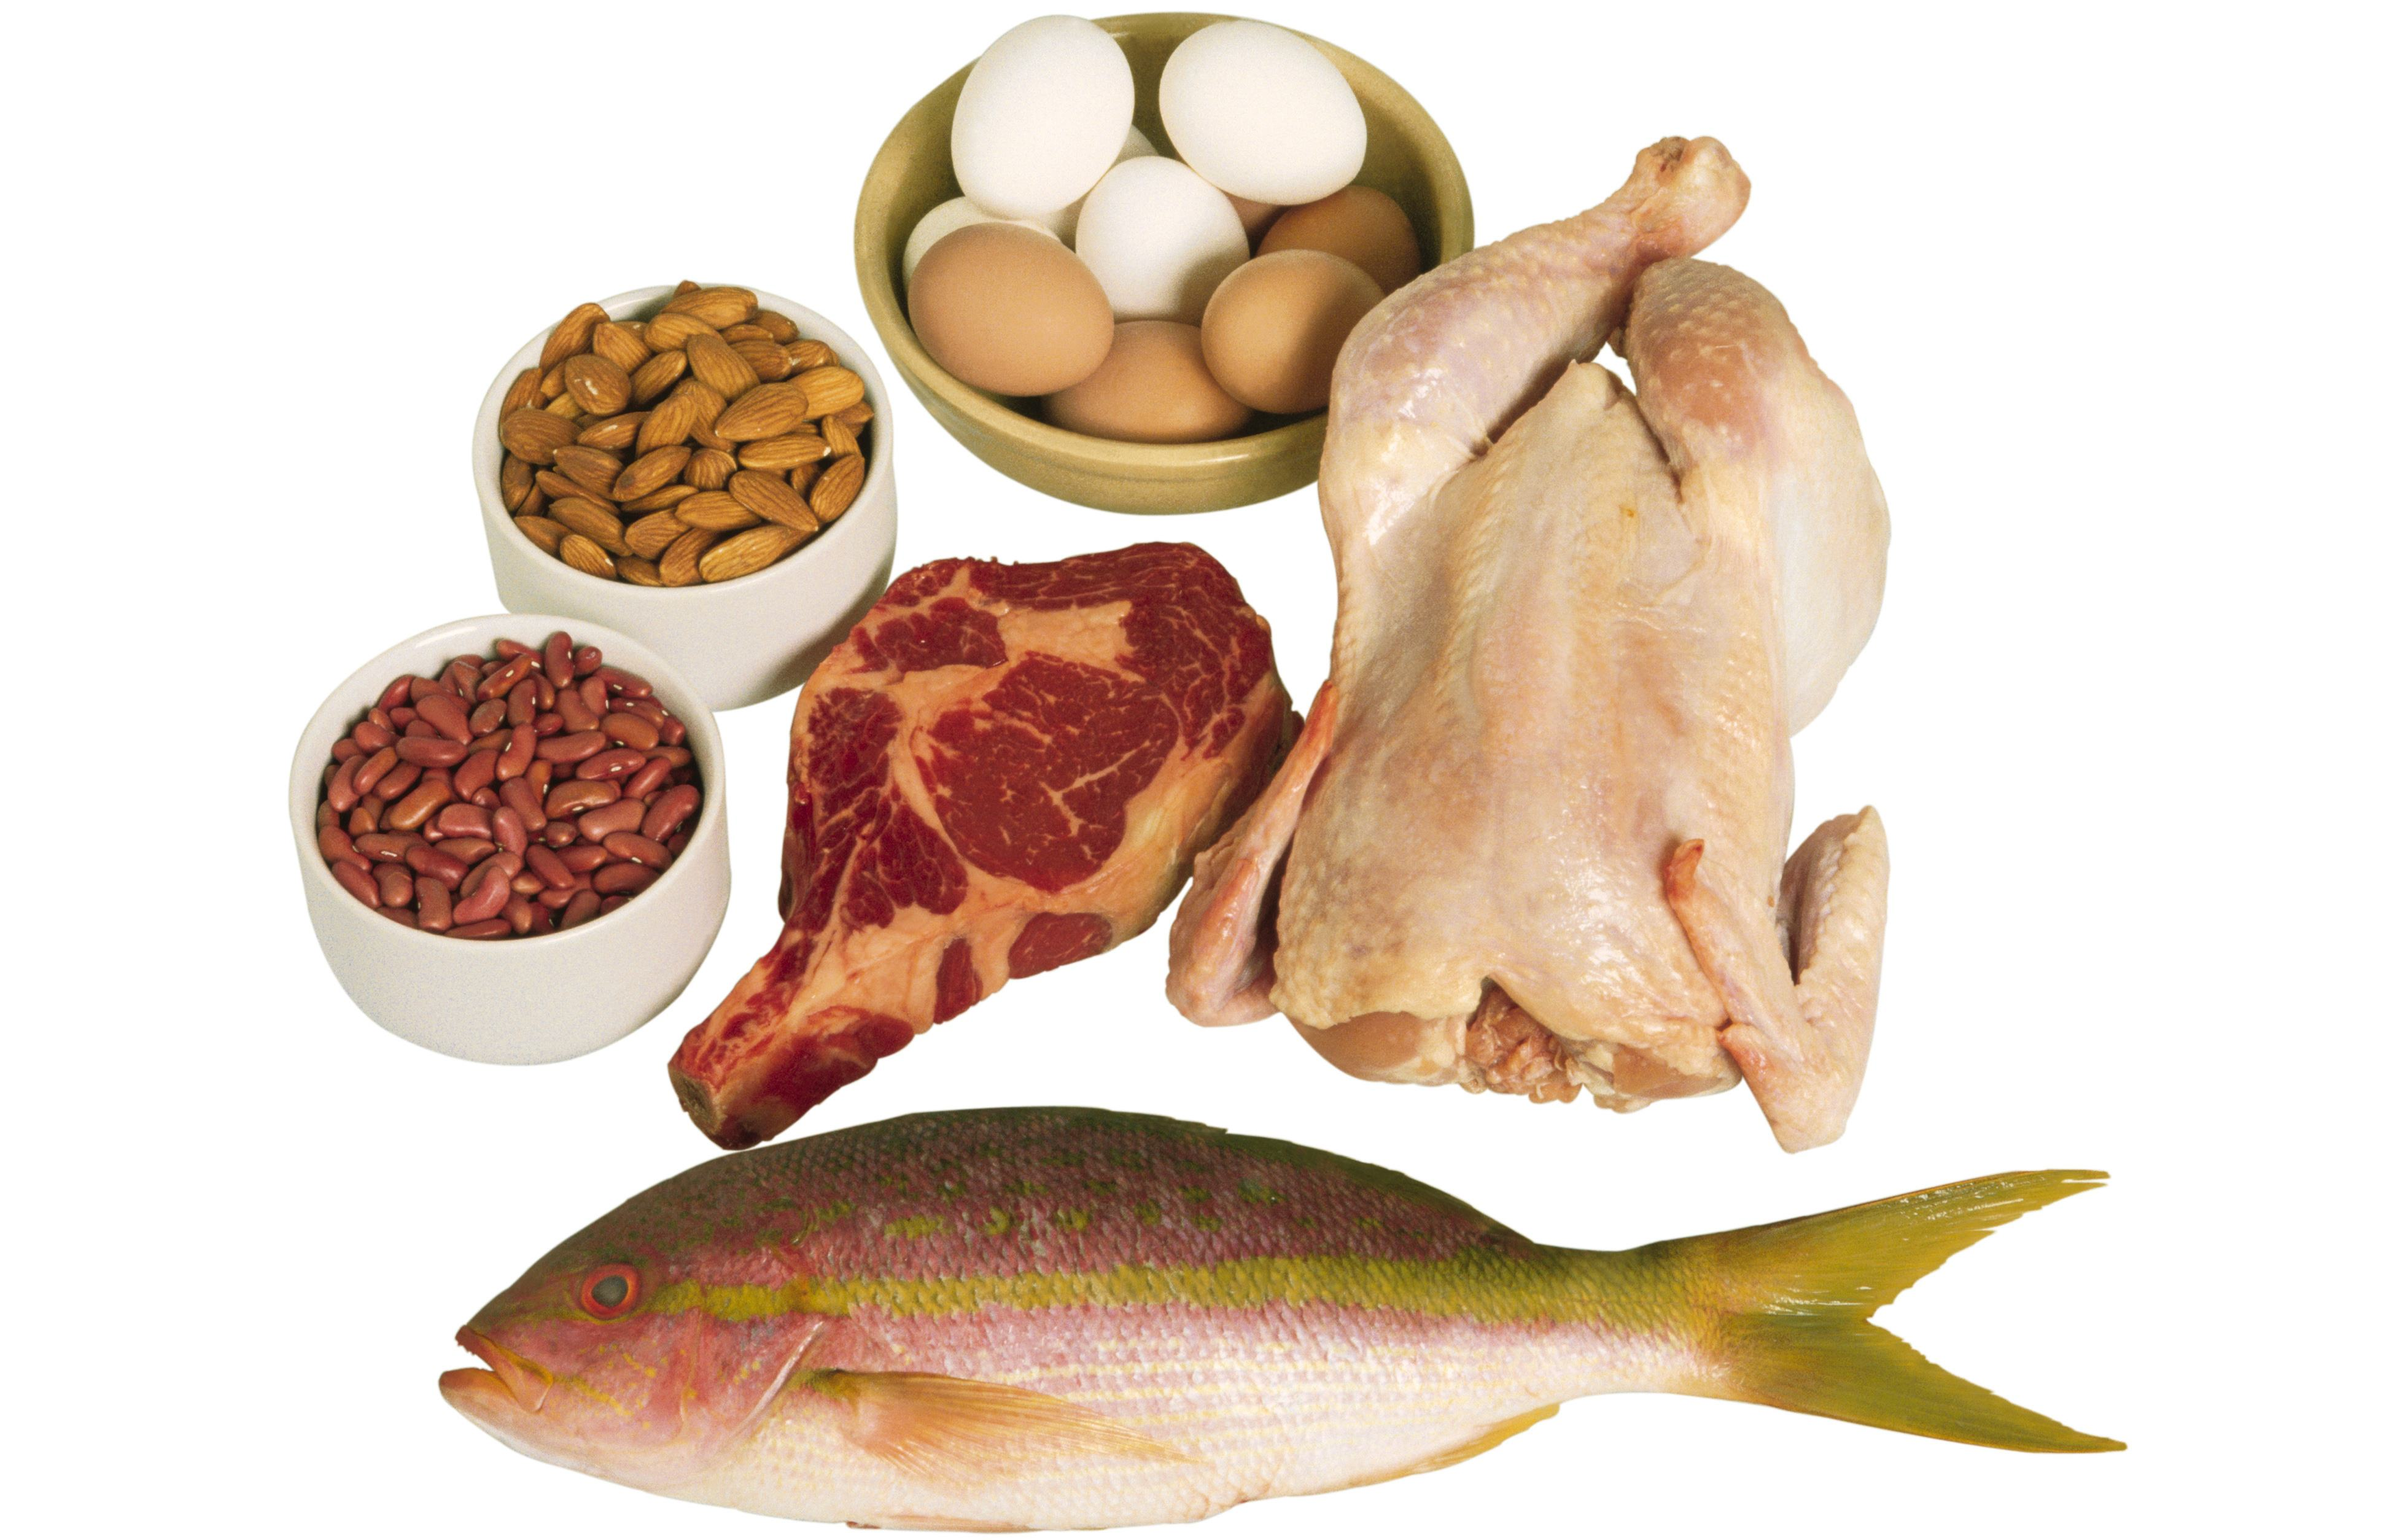 еда для снижения веса от малышевой цена